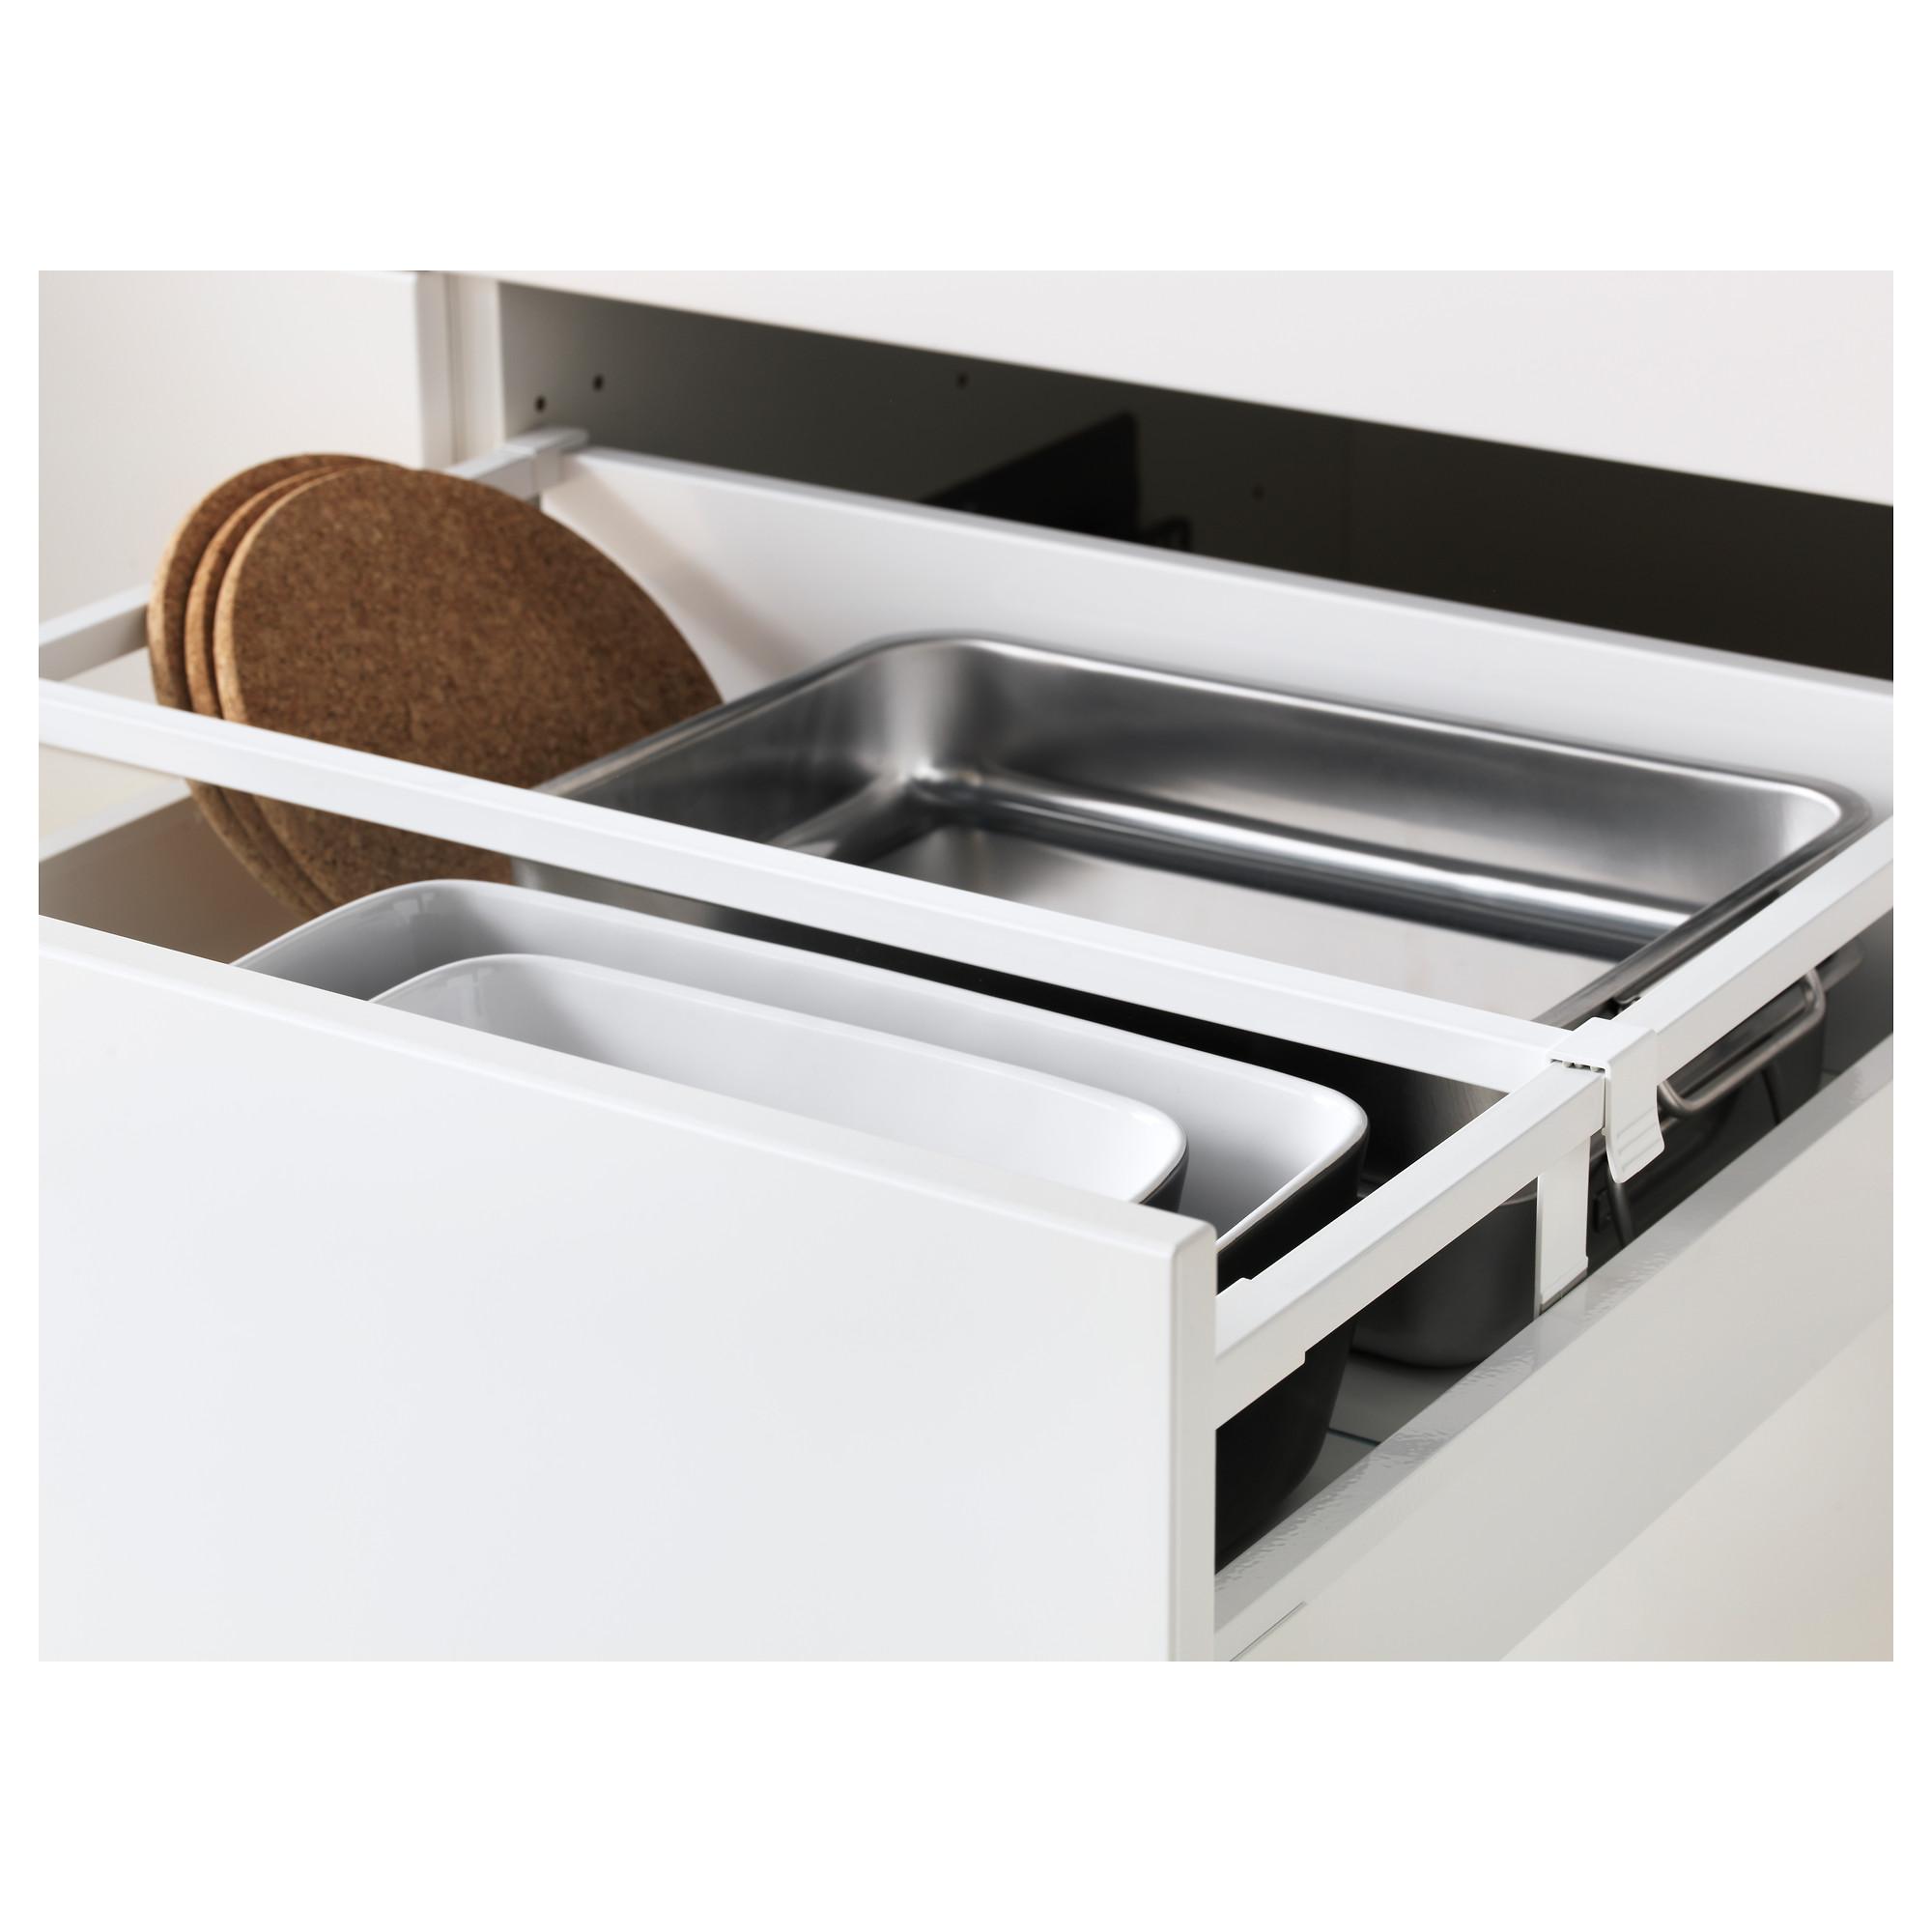 Высокий шкаф для холодильника, с дверцами, 3 ящика МЕТОД / МАКСИМЕРА белый артикуль № 692.378.68 в наличии. Онлайн магазин IKEA РБ. Быстрая доставка и соборка.